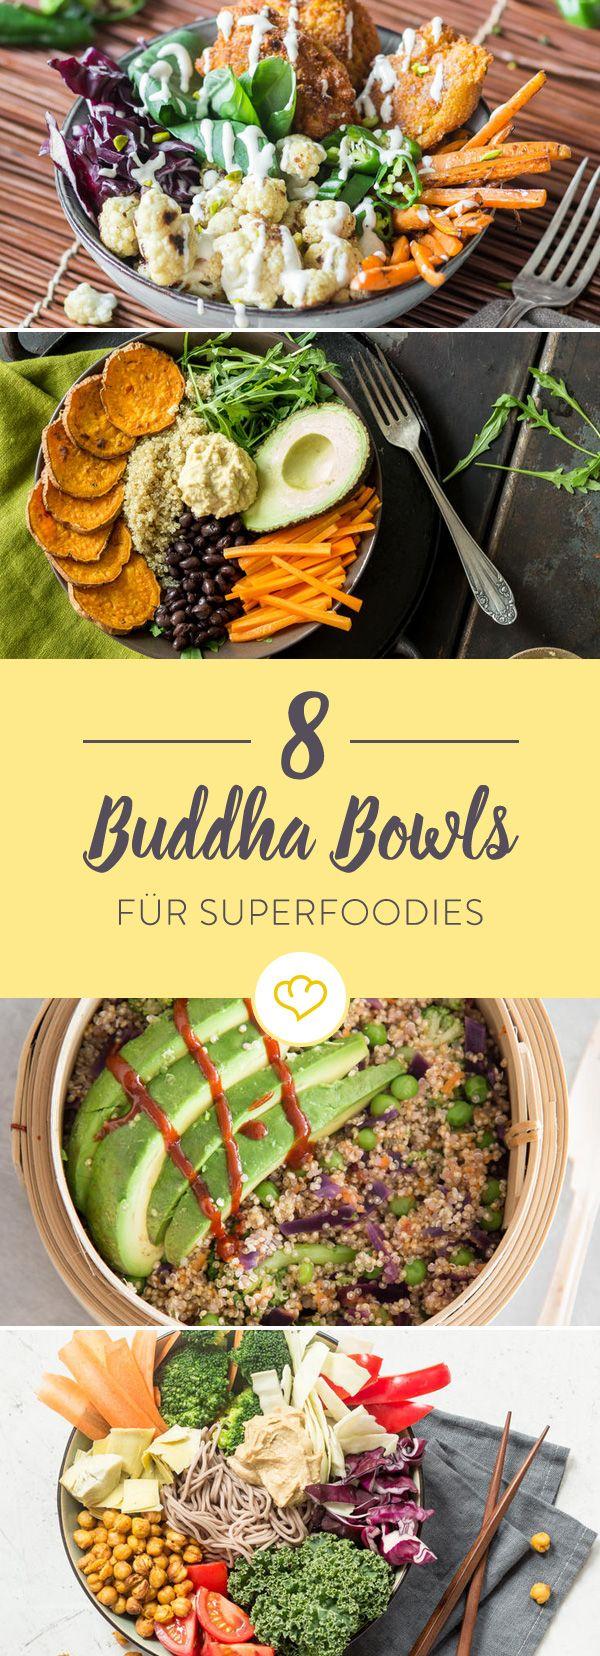 Buddha Bowls sind gesund, leicht abzuwandeln und sehen einfach toll aus. Und der Geschmack? Der kommt auch nicht zu kurz, wie diese 8 Buddha Bowls beweisen.